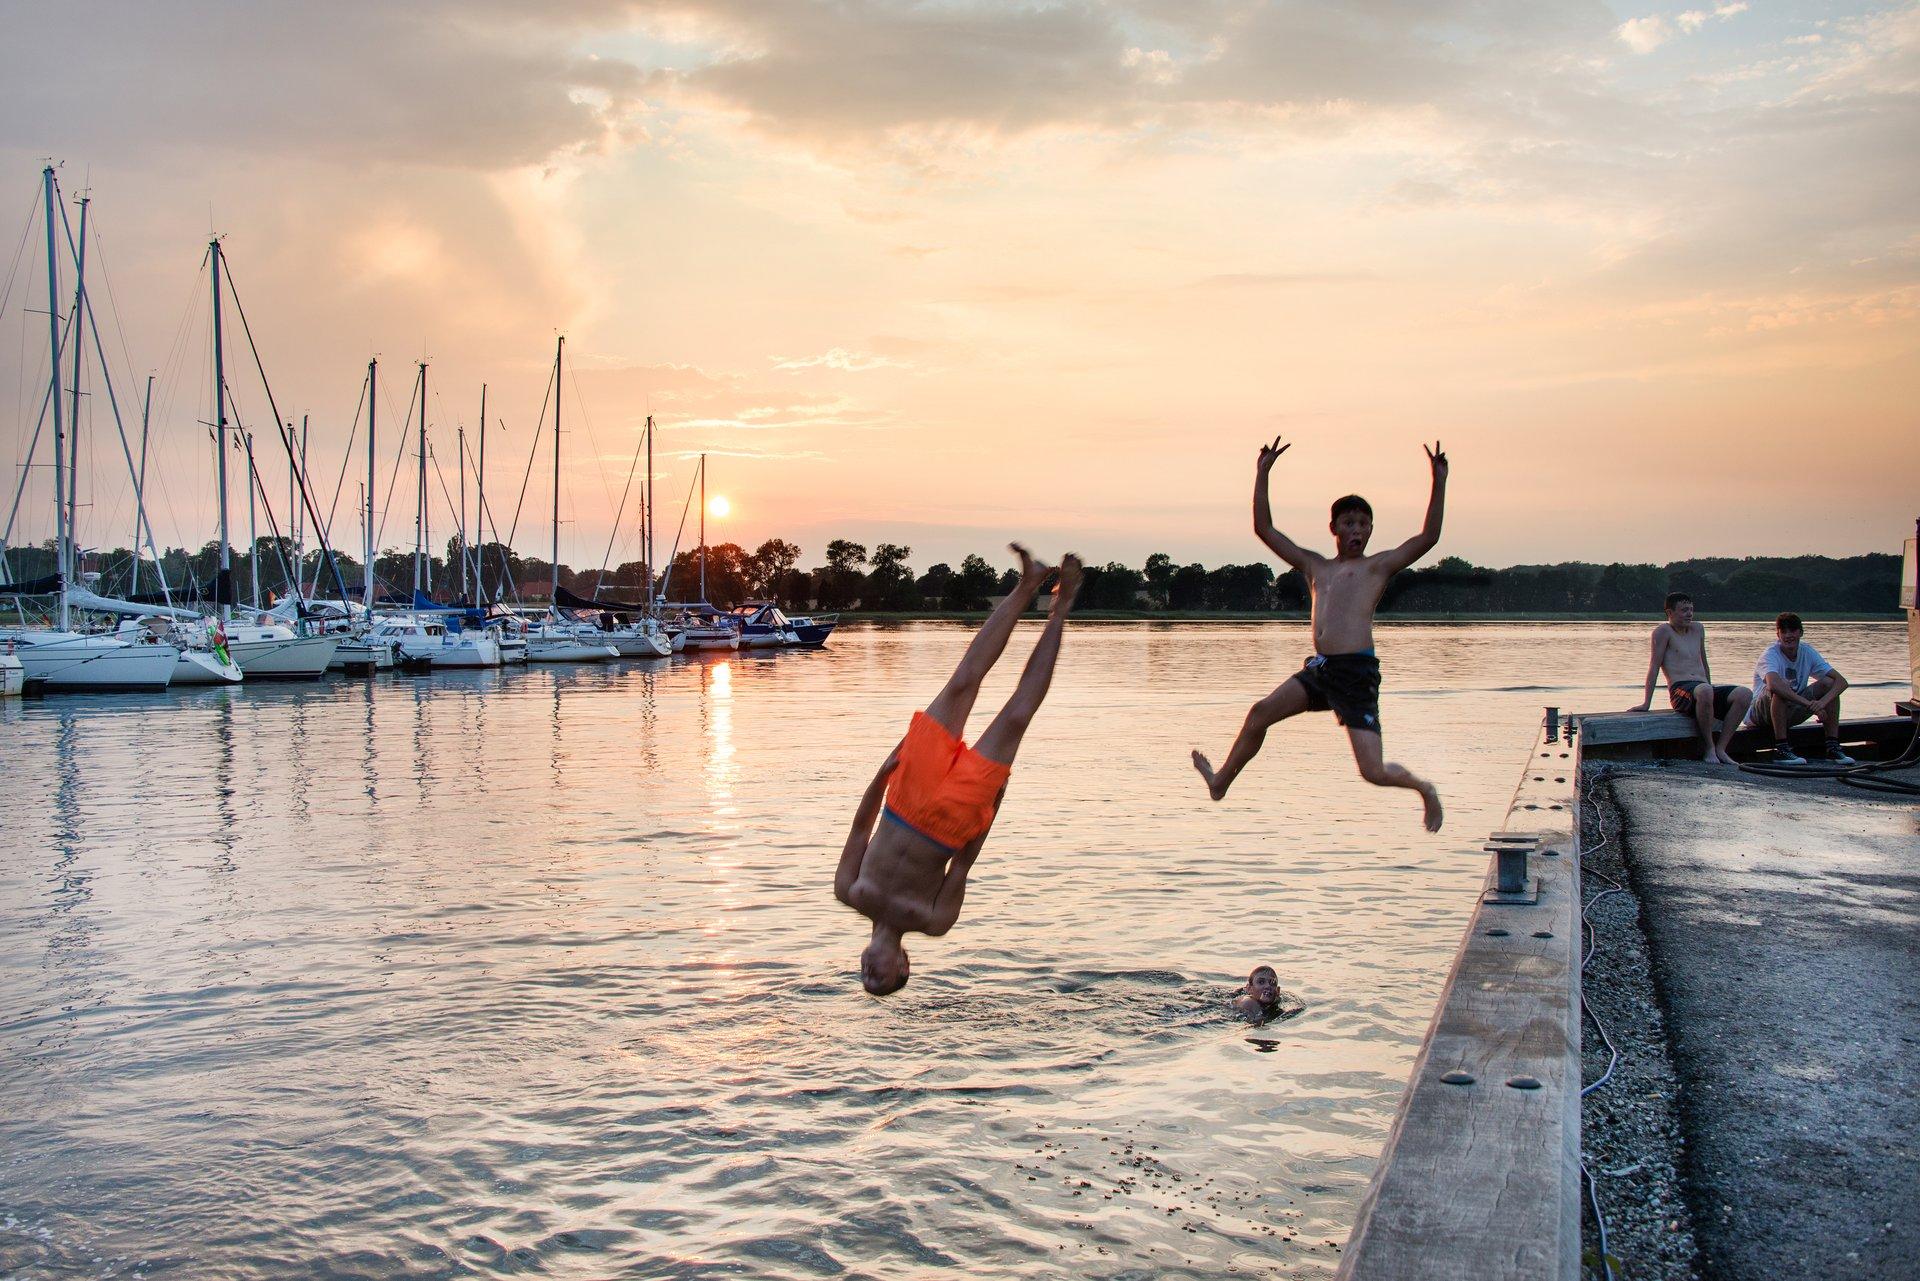 Danskerne er klar til at kaste sig ud i mere ferie hjemme i Danmark, viser ny undersøgelse fra YouGov. Arkivpressefoto fra Præstø Havn via VisitDenmark: Thomas Rousing.